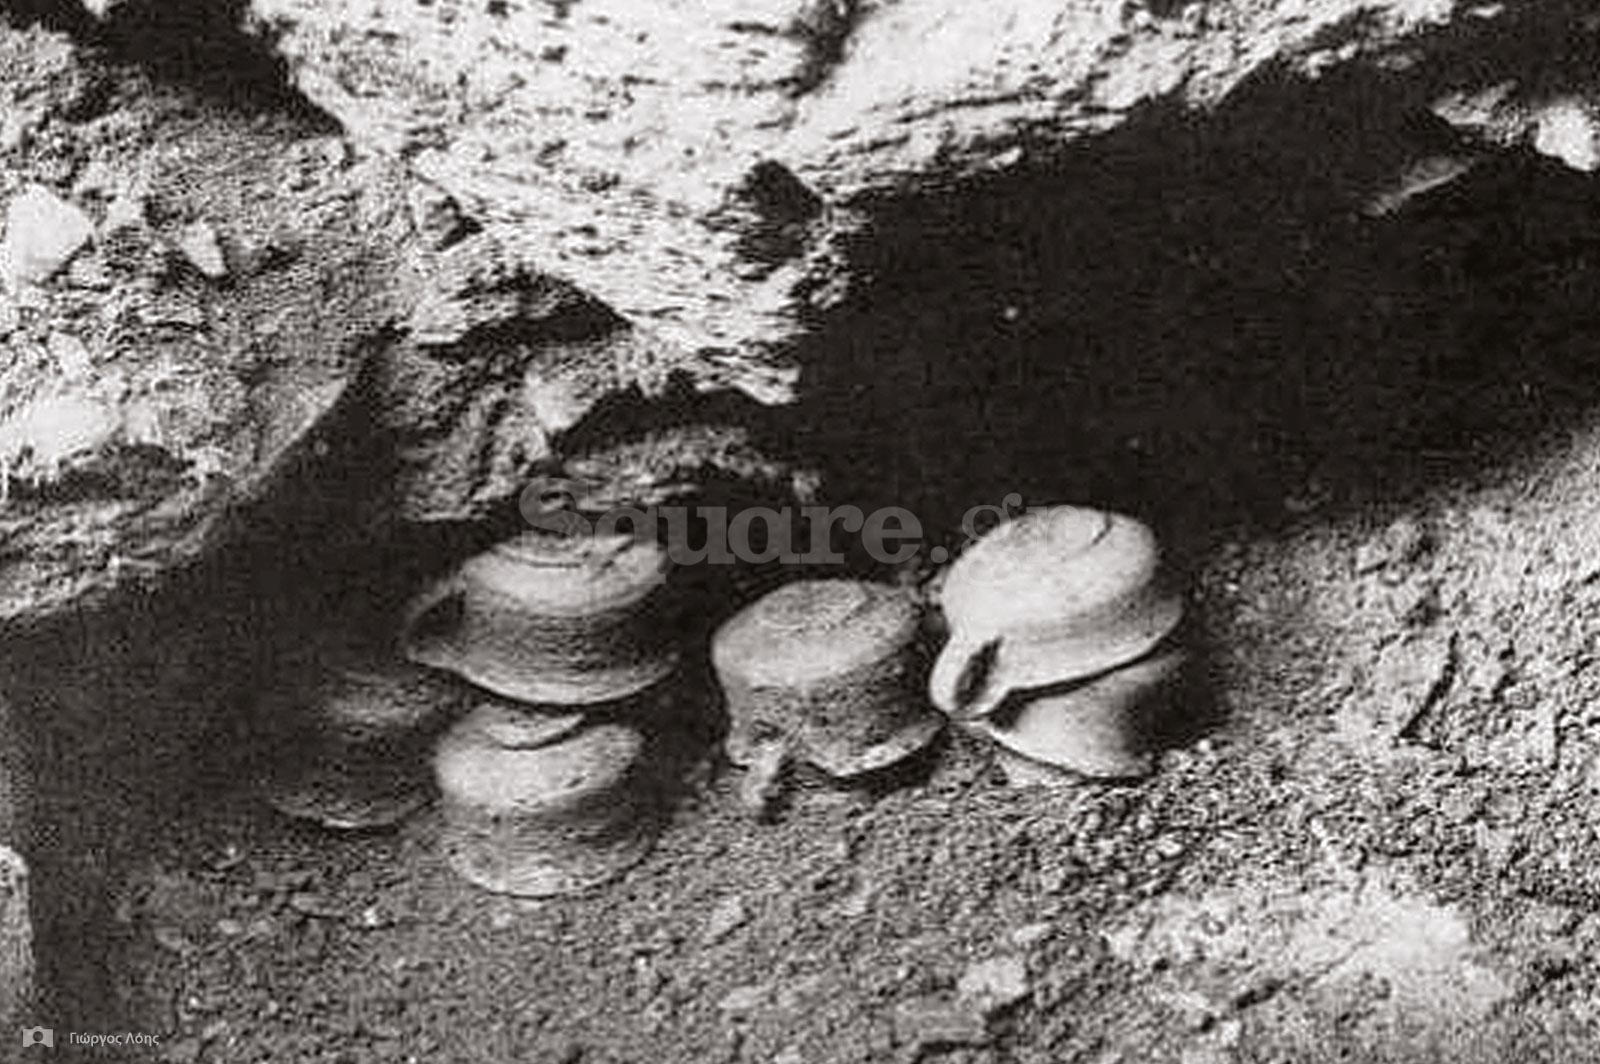 29-Μερικά-από-τα-αρχαία-αγγεία-όπως-βρέθηκαν-κάτω-από-το-δάπεδο-του-«Δρακόσπιτου»-της-Όχης